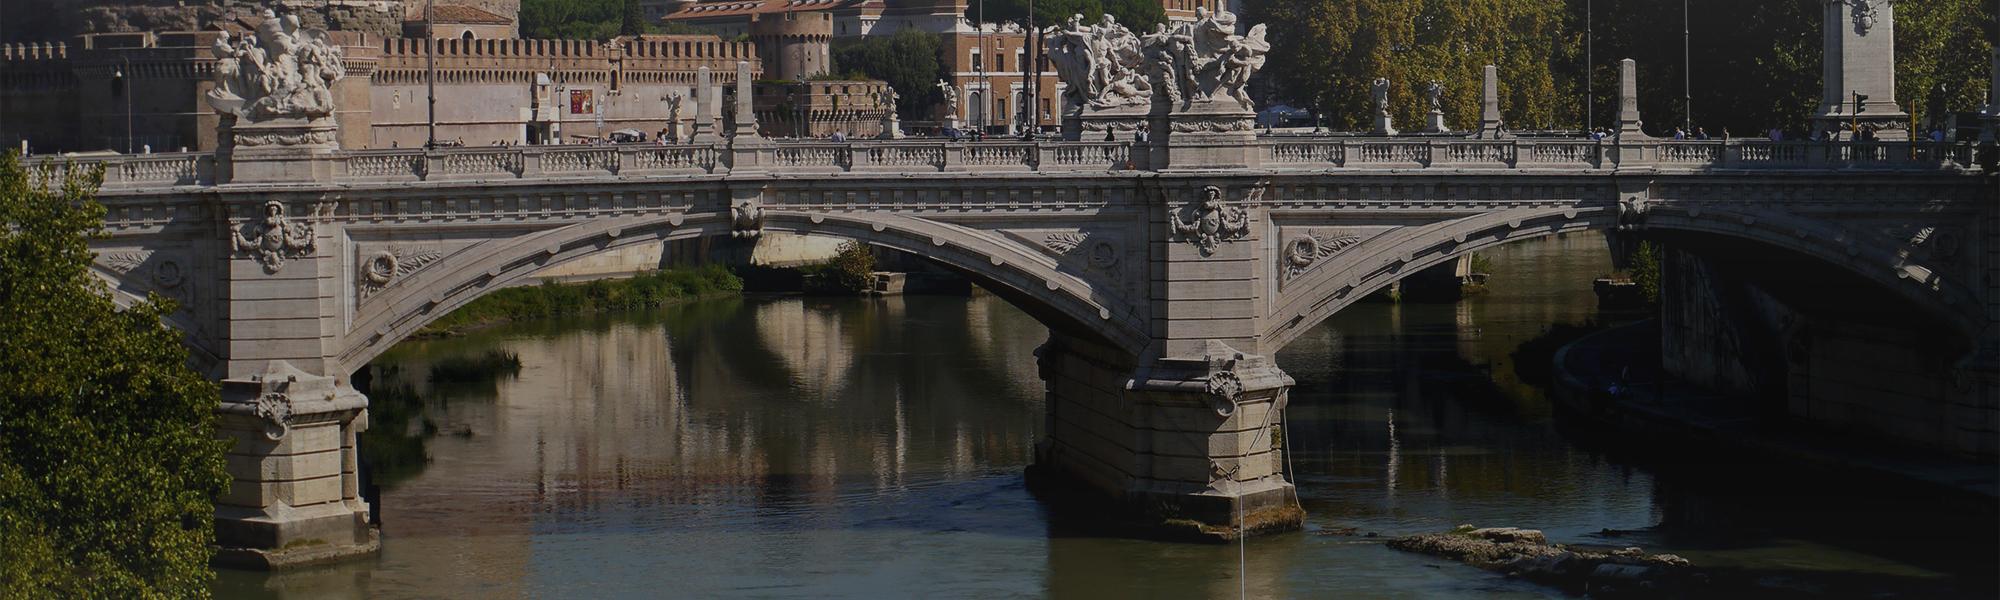 Puente sobre el río Tíber en Roma